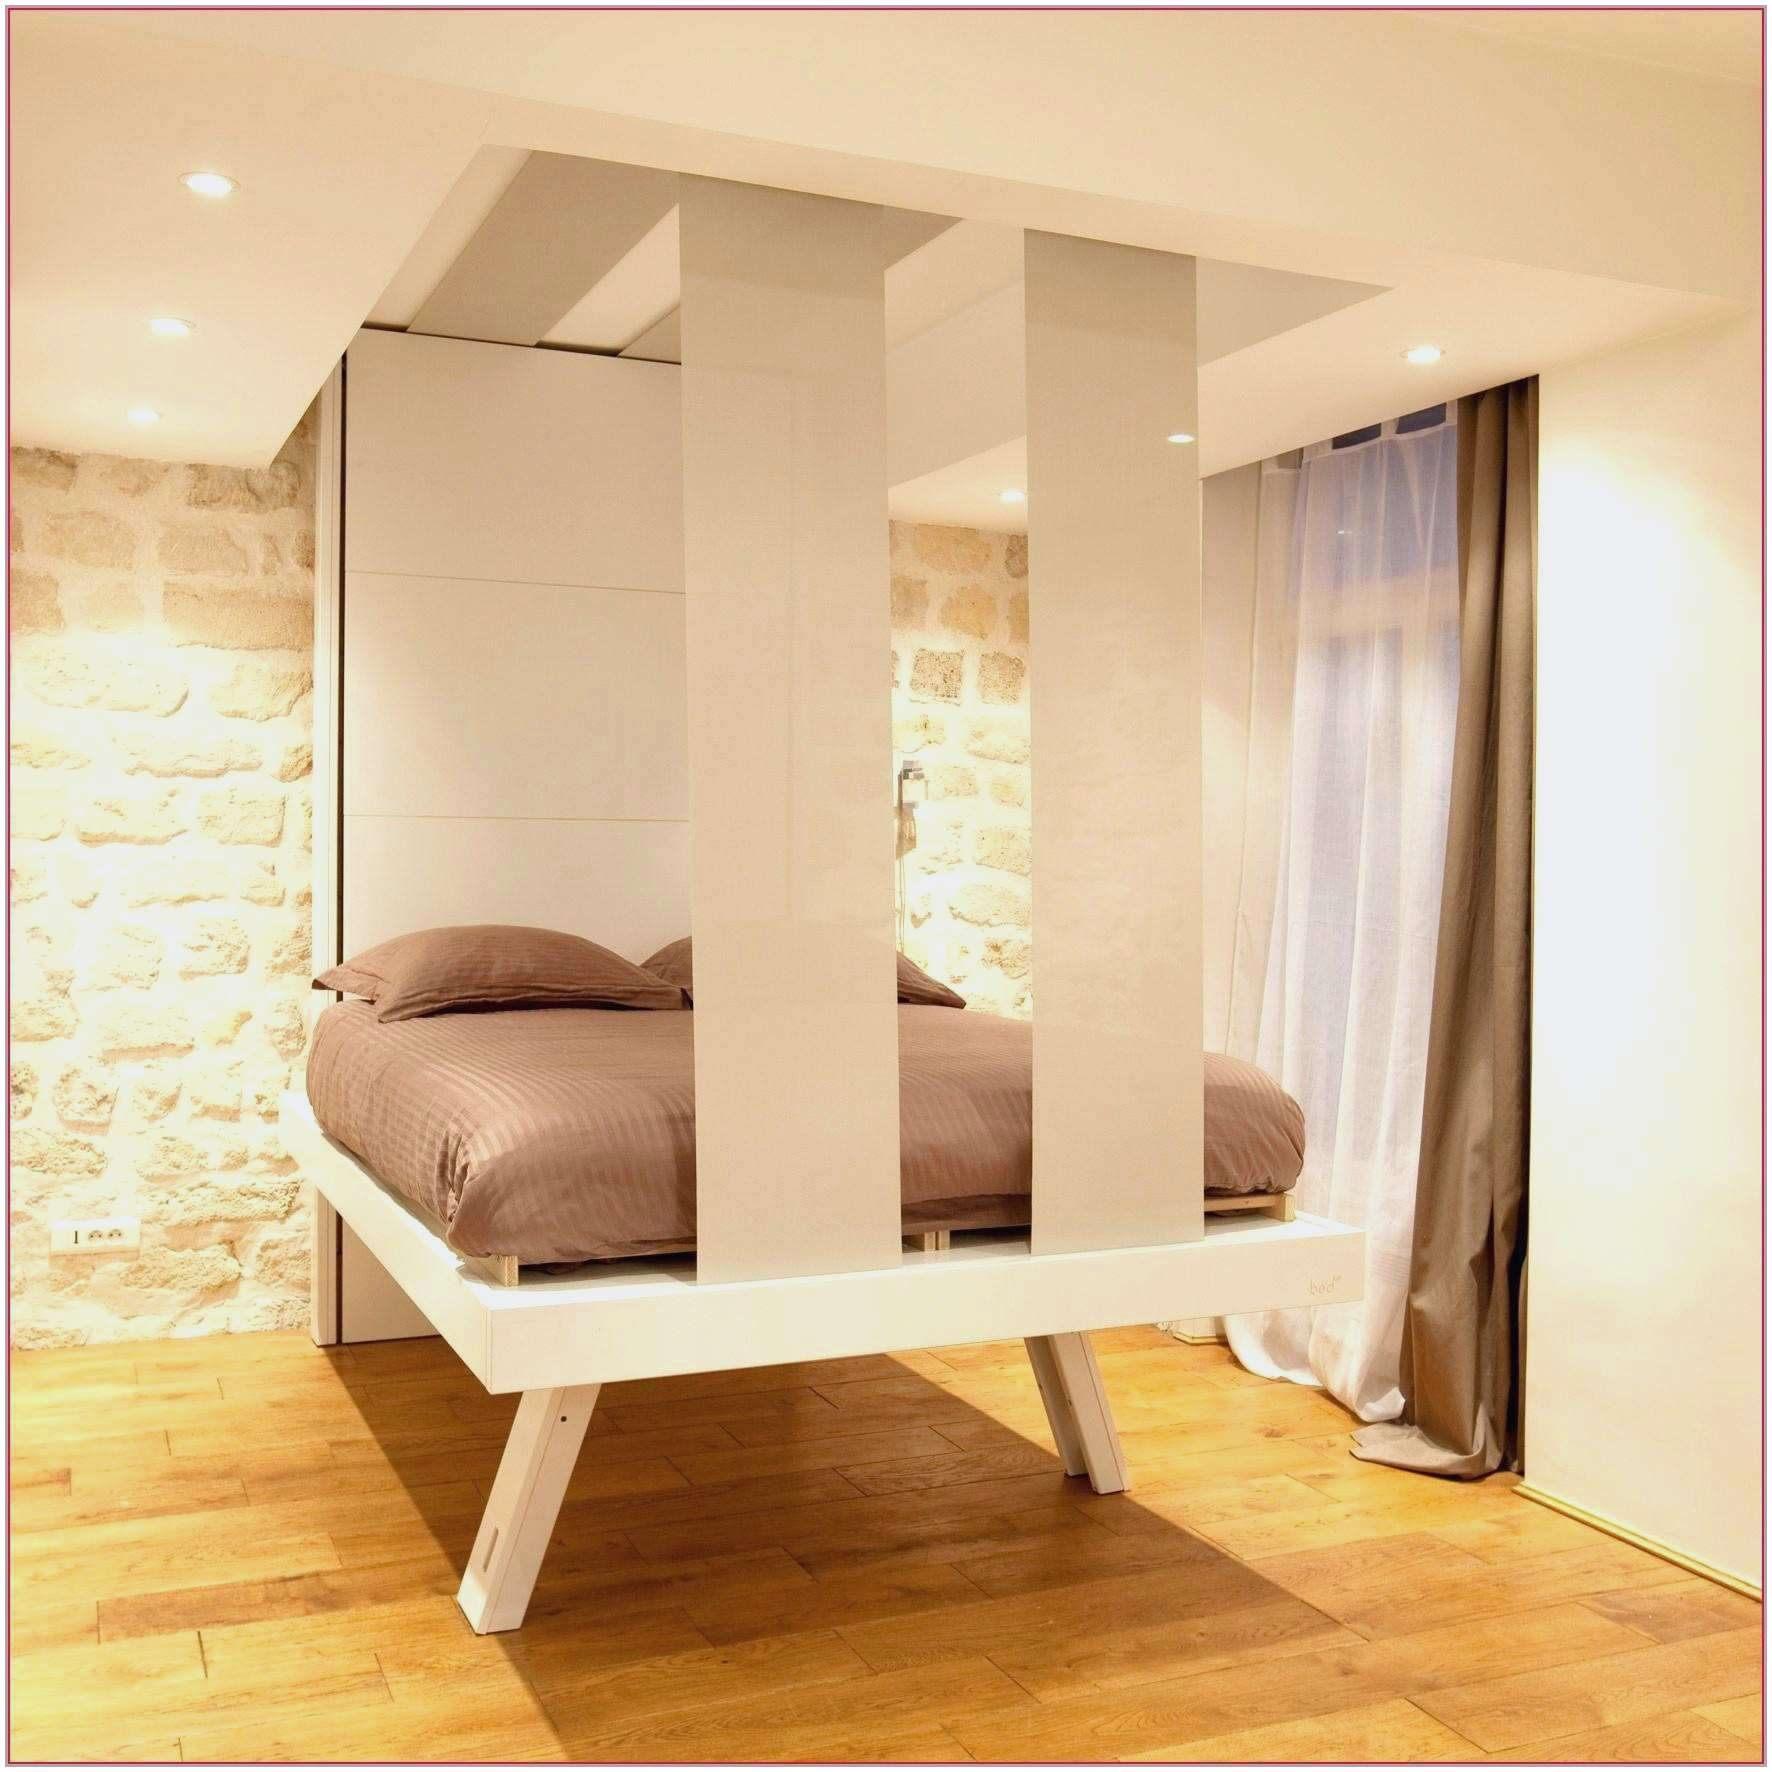 Lit Escamotable Plafond Ikea Joli Elégant Lit Escamotable Au Plafond Lit Escamotable Plafond Ikea Beau